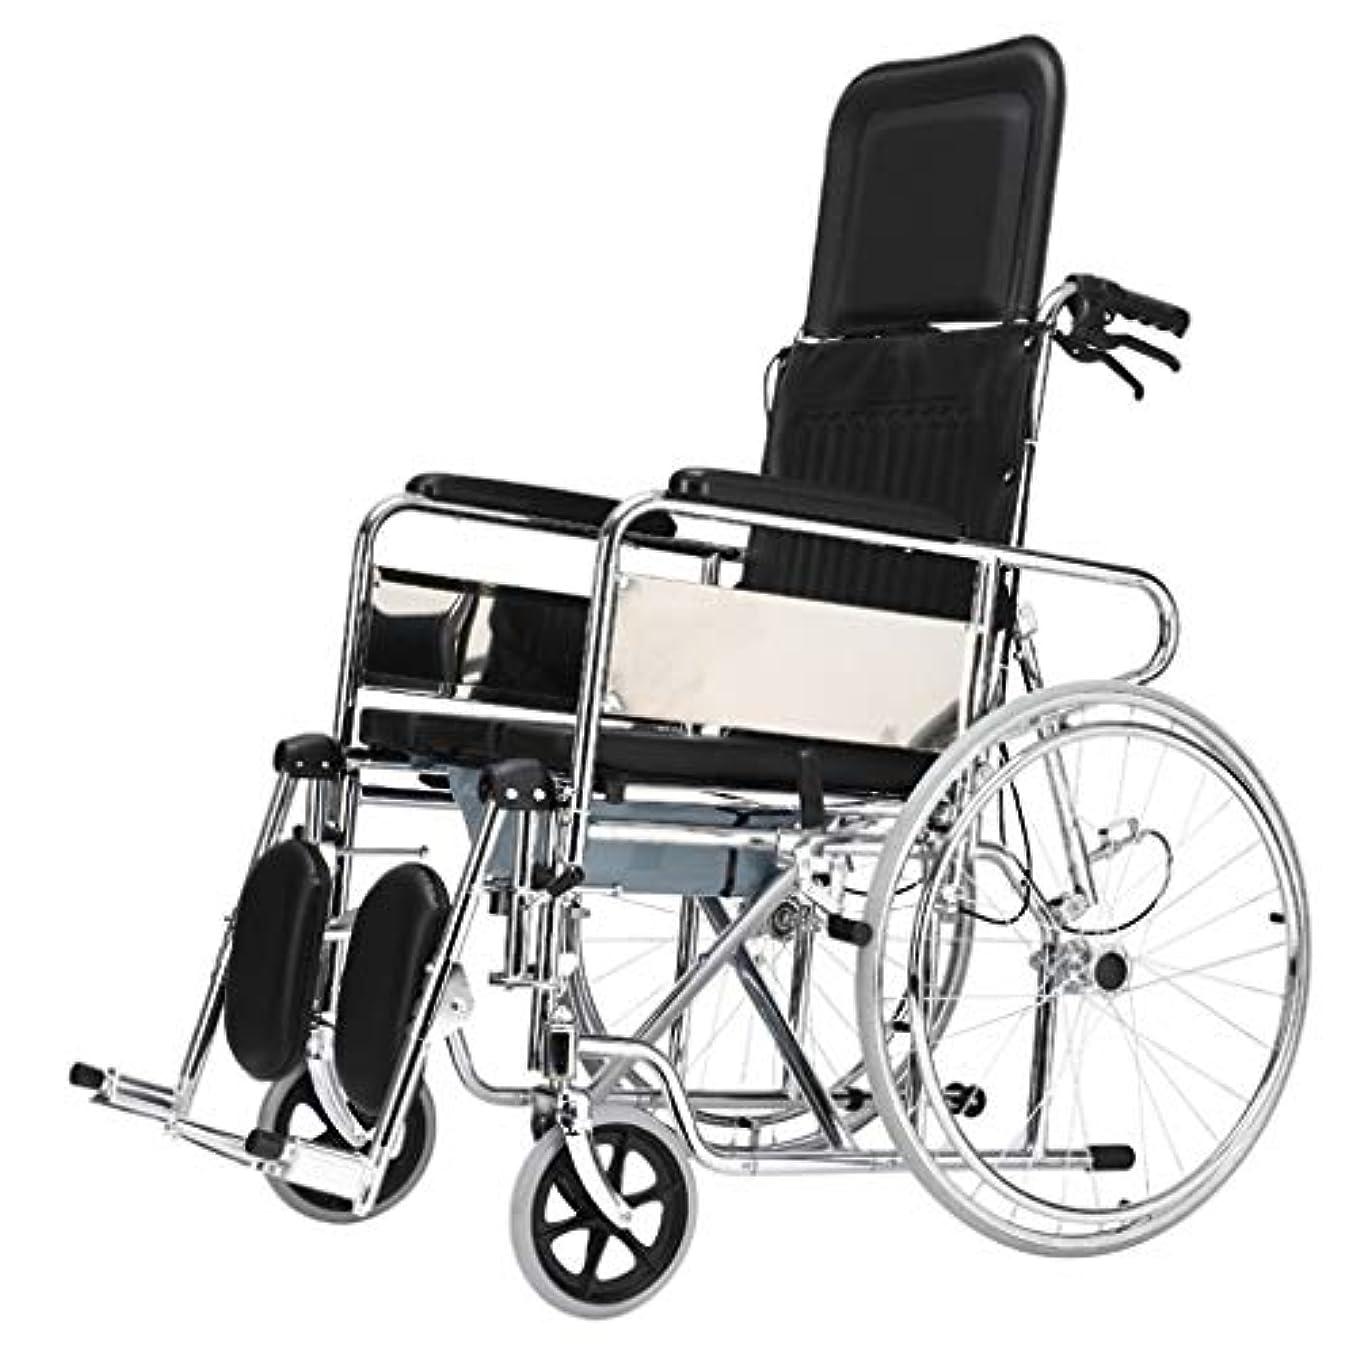 自慢かろうじて食料品店車椅子トロリー屋外旅行パートナー、多機能フルレイ/セミライニングデザイン、高齢者障害者車椅子